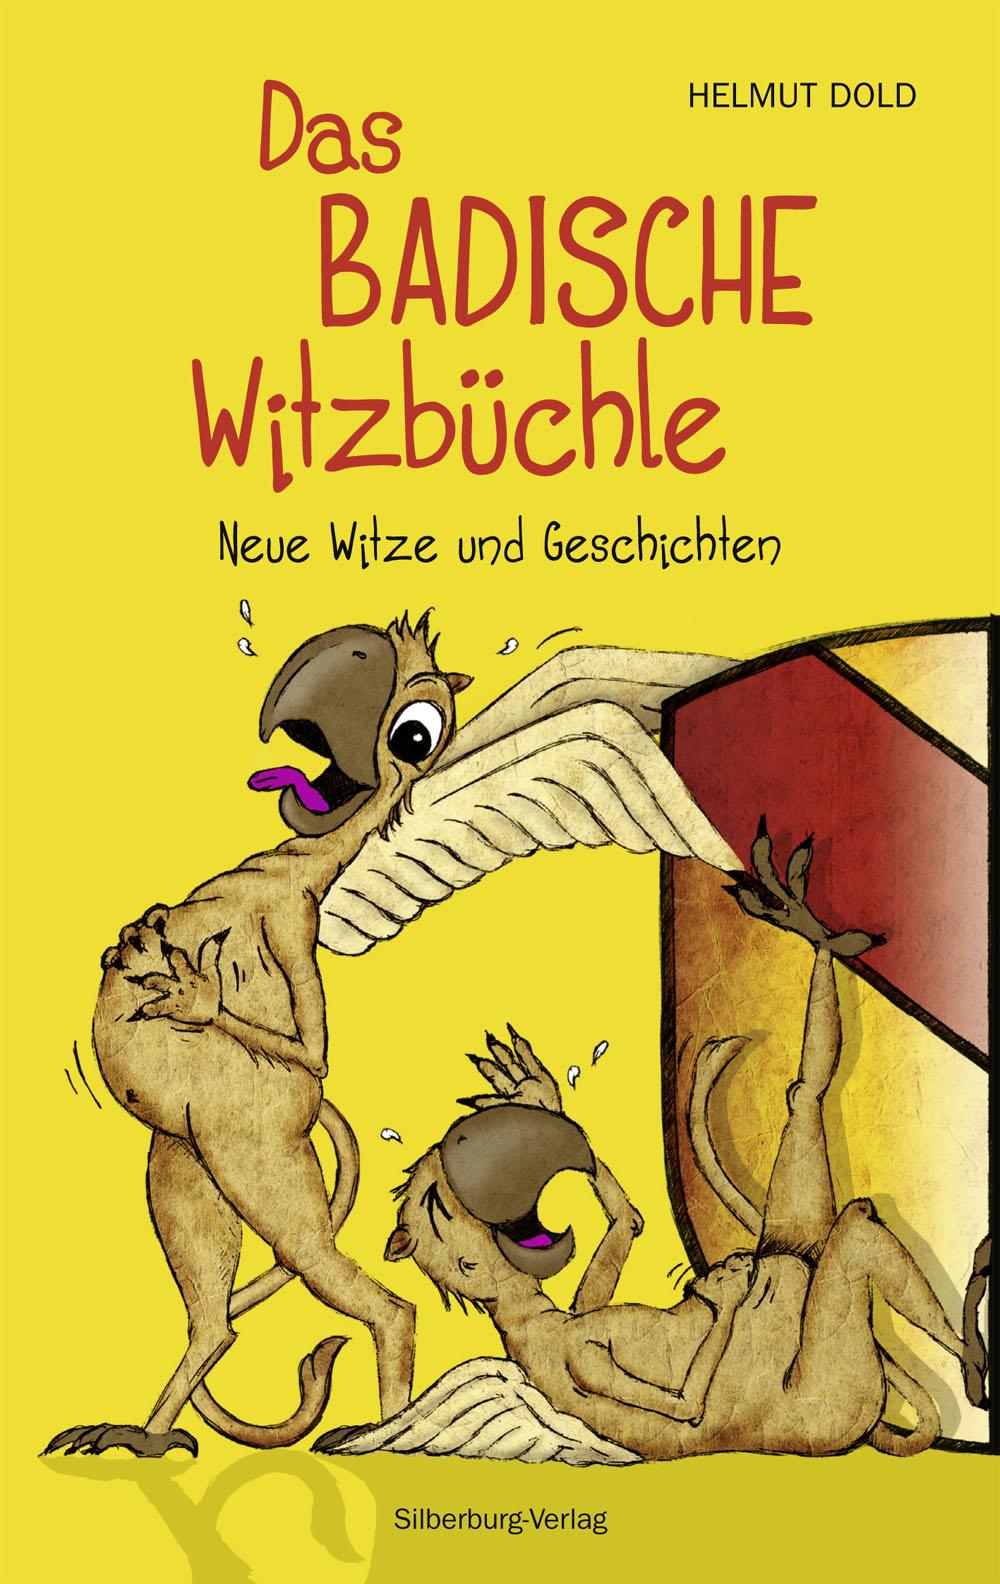 Das badische Witzbüchle Helmut Dold